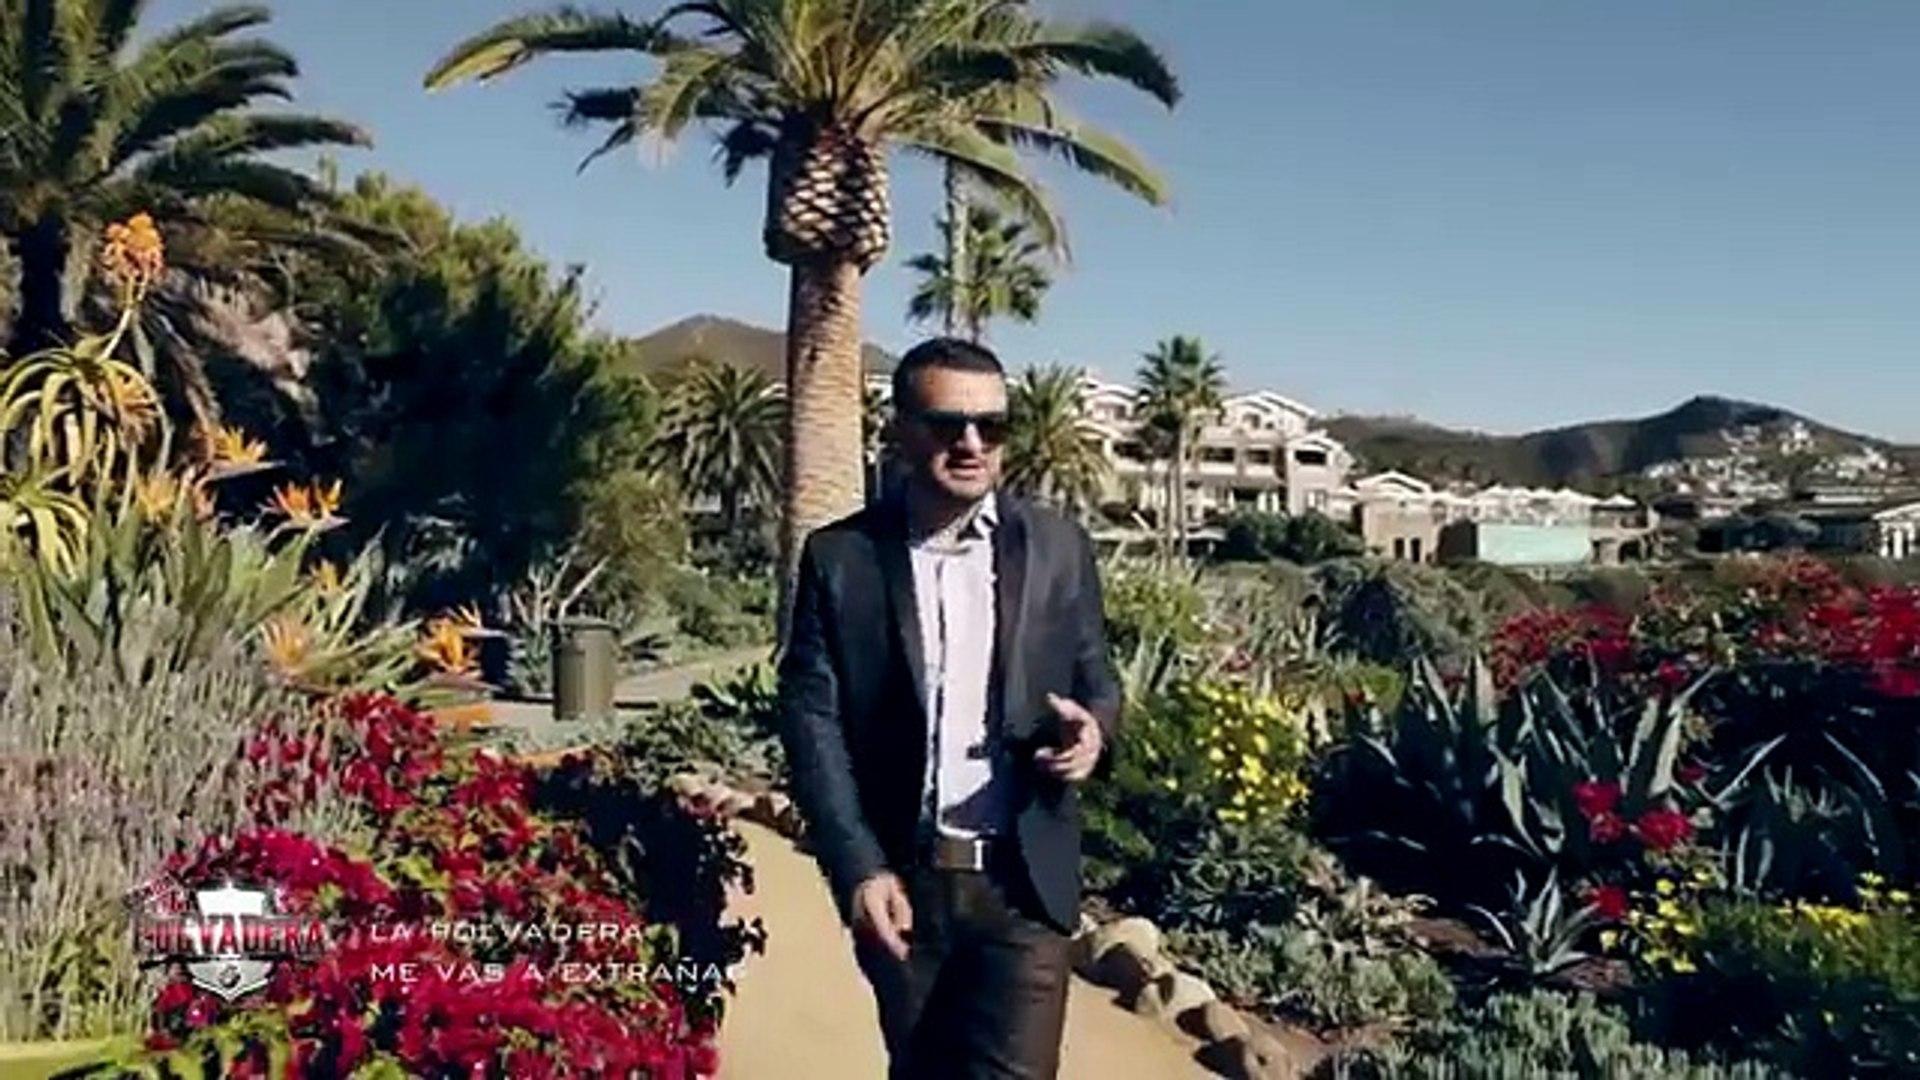 banda la polvadera me vas a extrañar video oficial lo mas nuevo de la banda 2014-2015